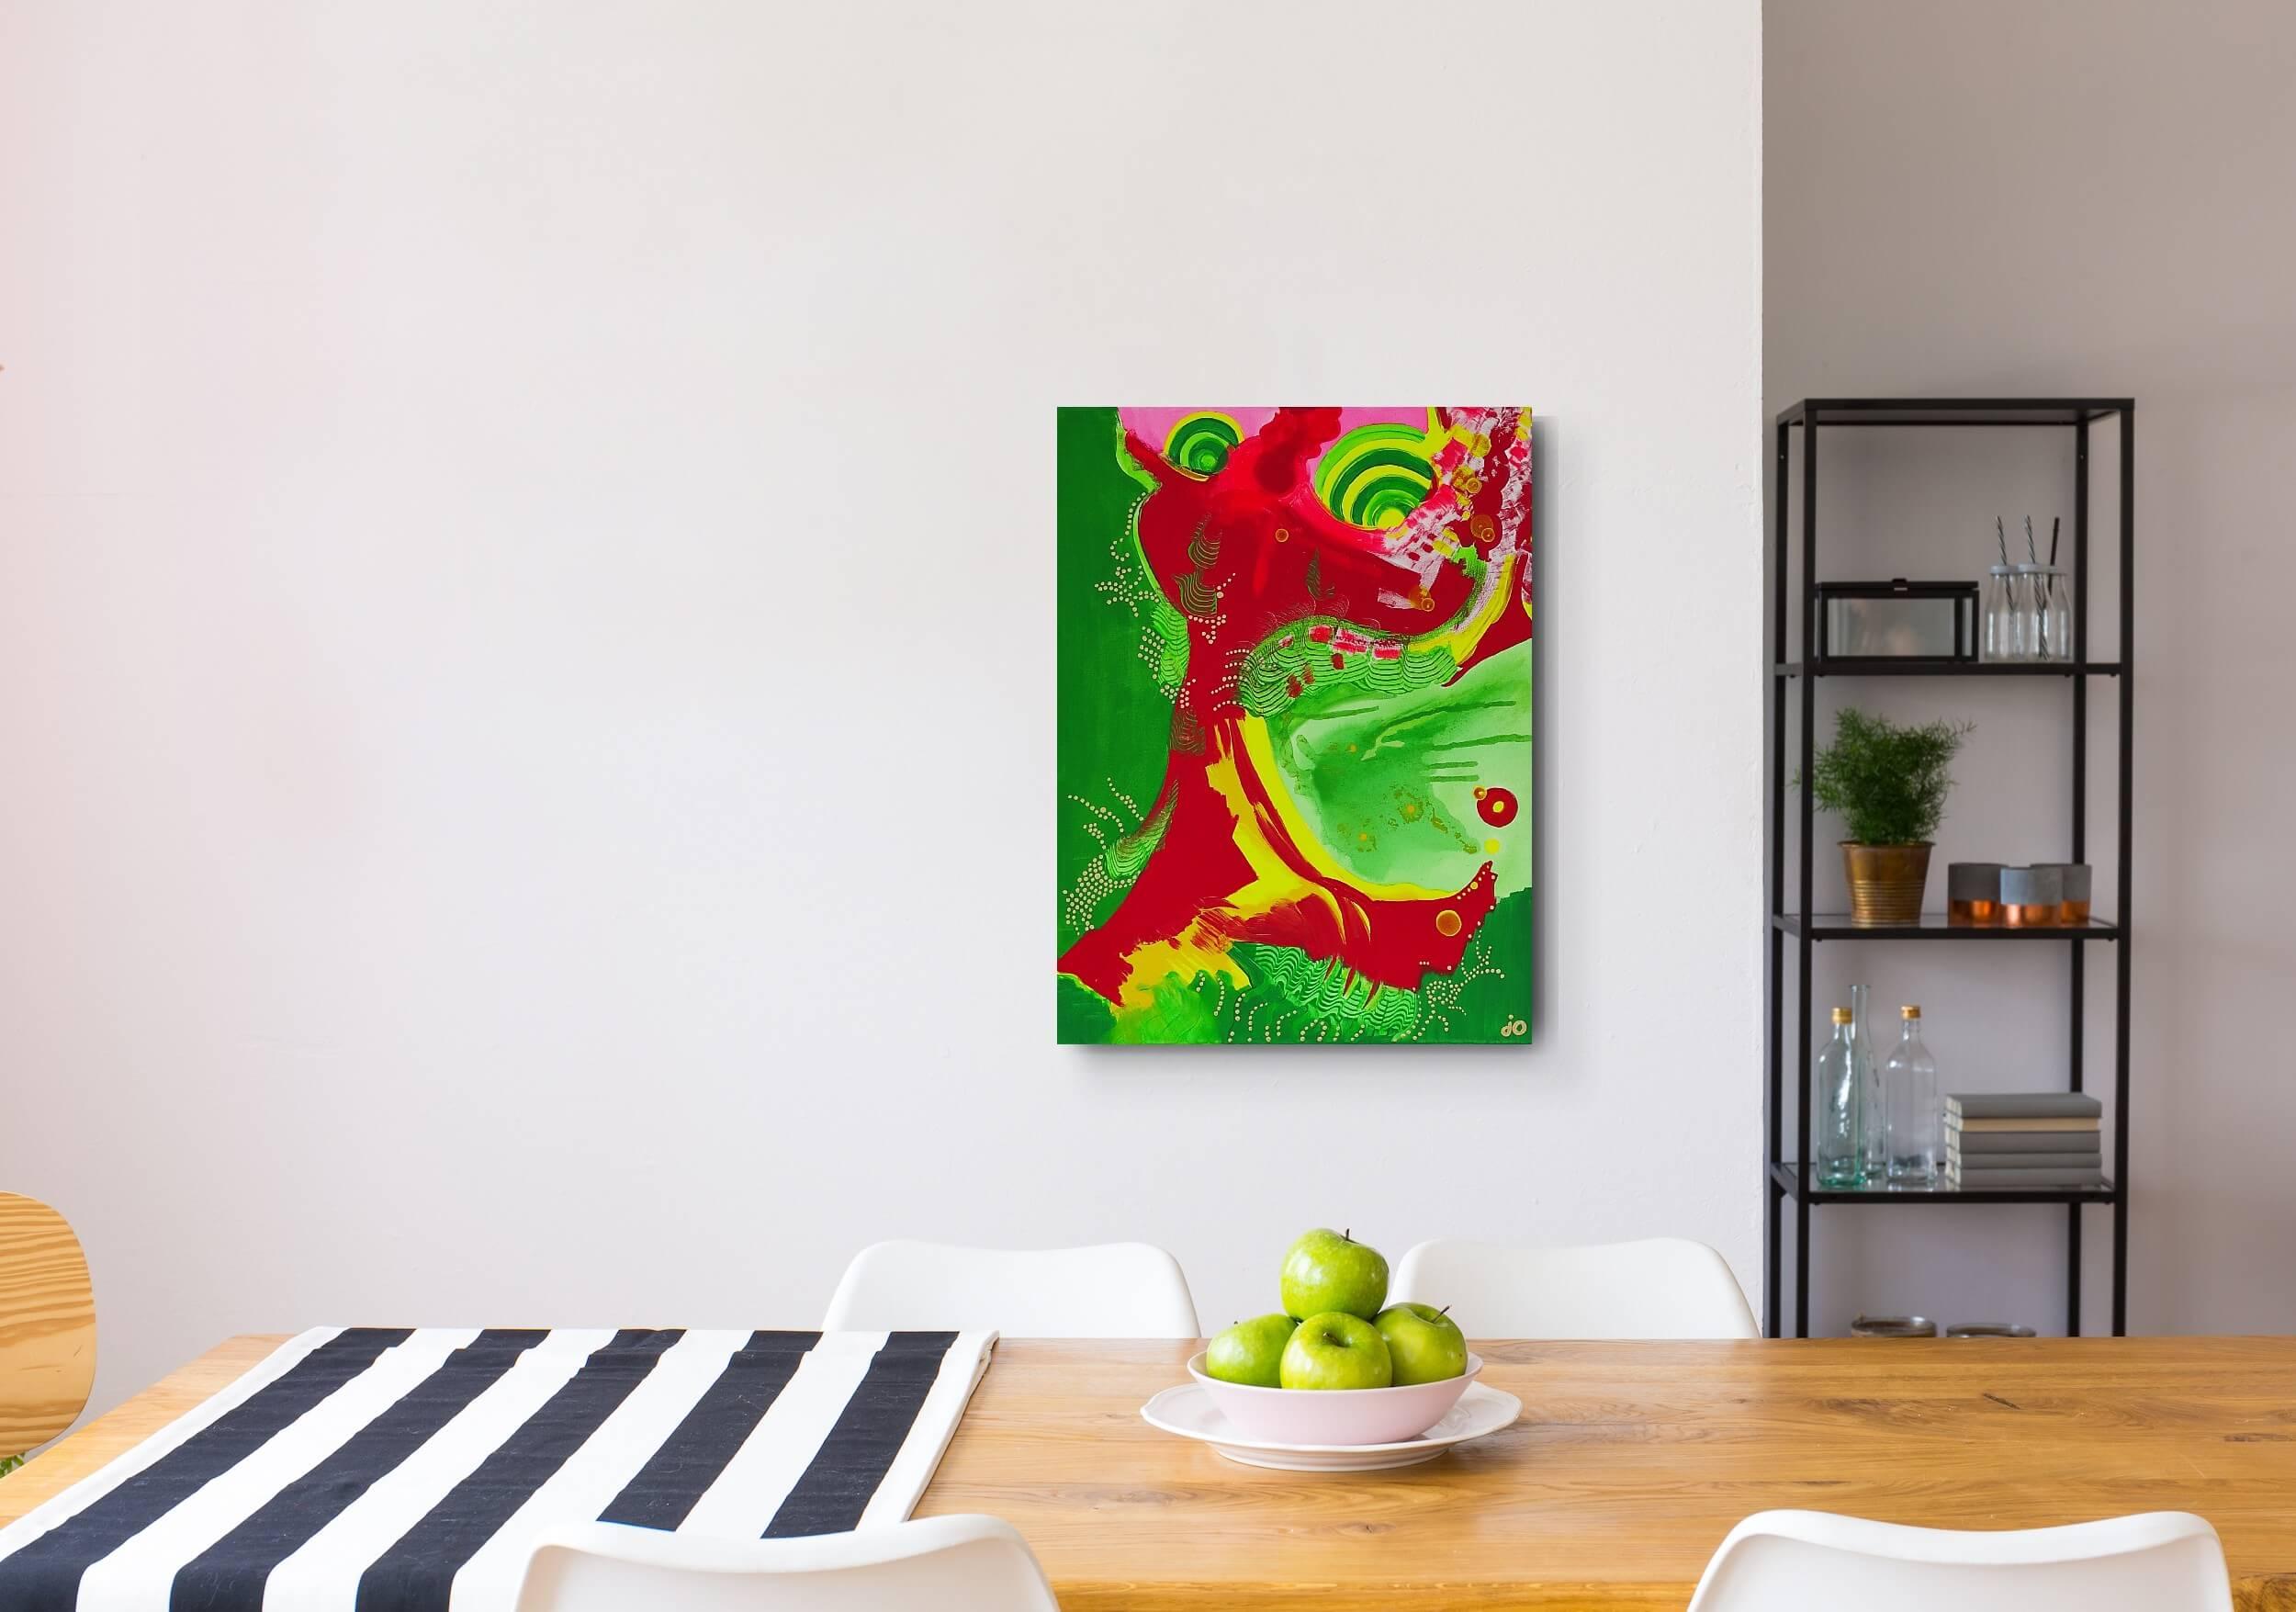 aranżacja wnętrz, malarstwo współczesne, obraz, ręcznie malowany, kolor, magia, piękne wnętrze, mój dom moje miejsce, urzadzamy mieszkanie, w domu najlepiej, do salonu